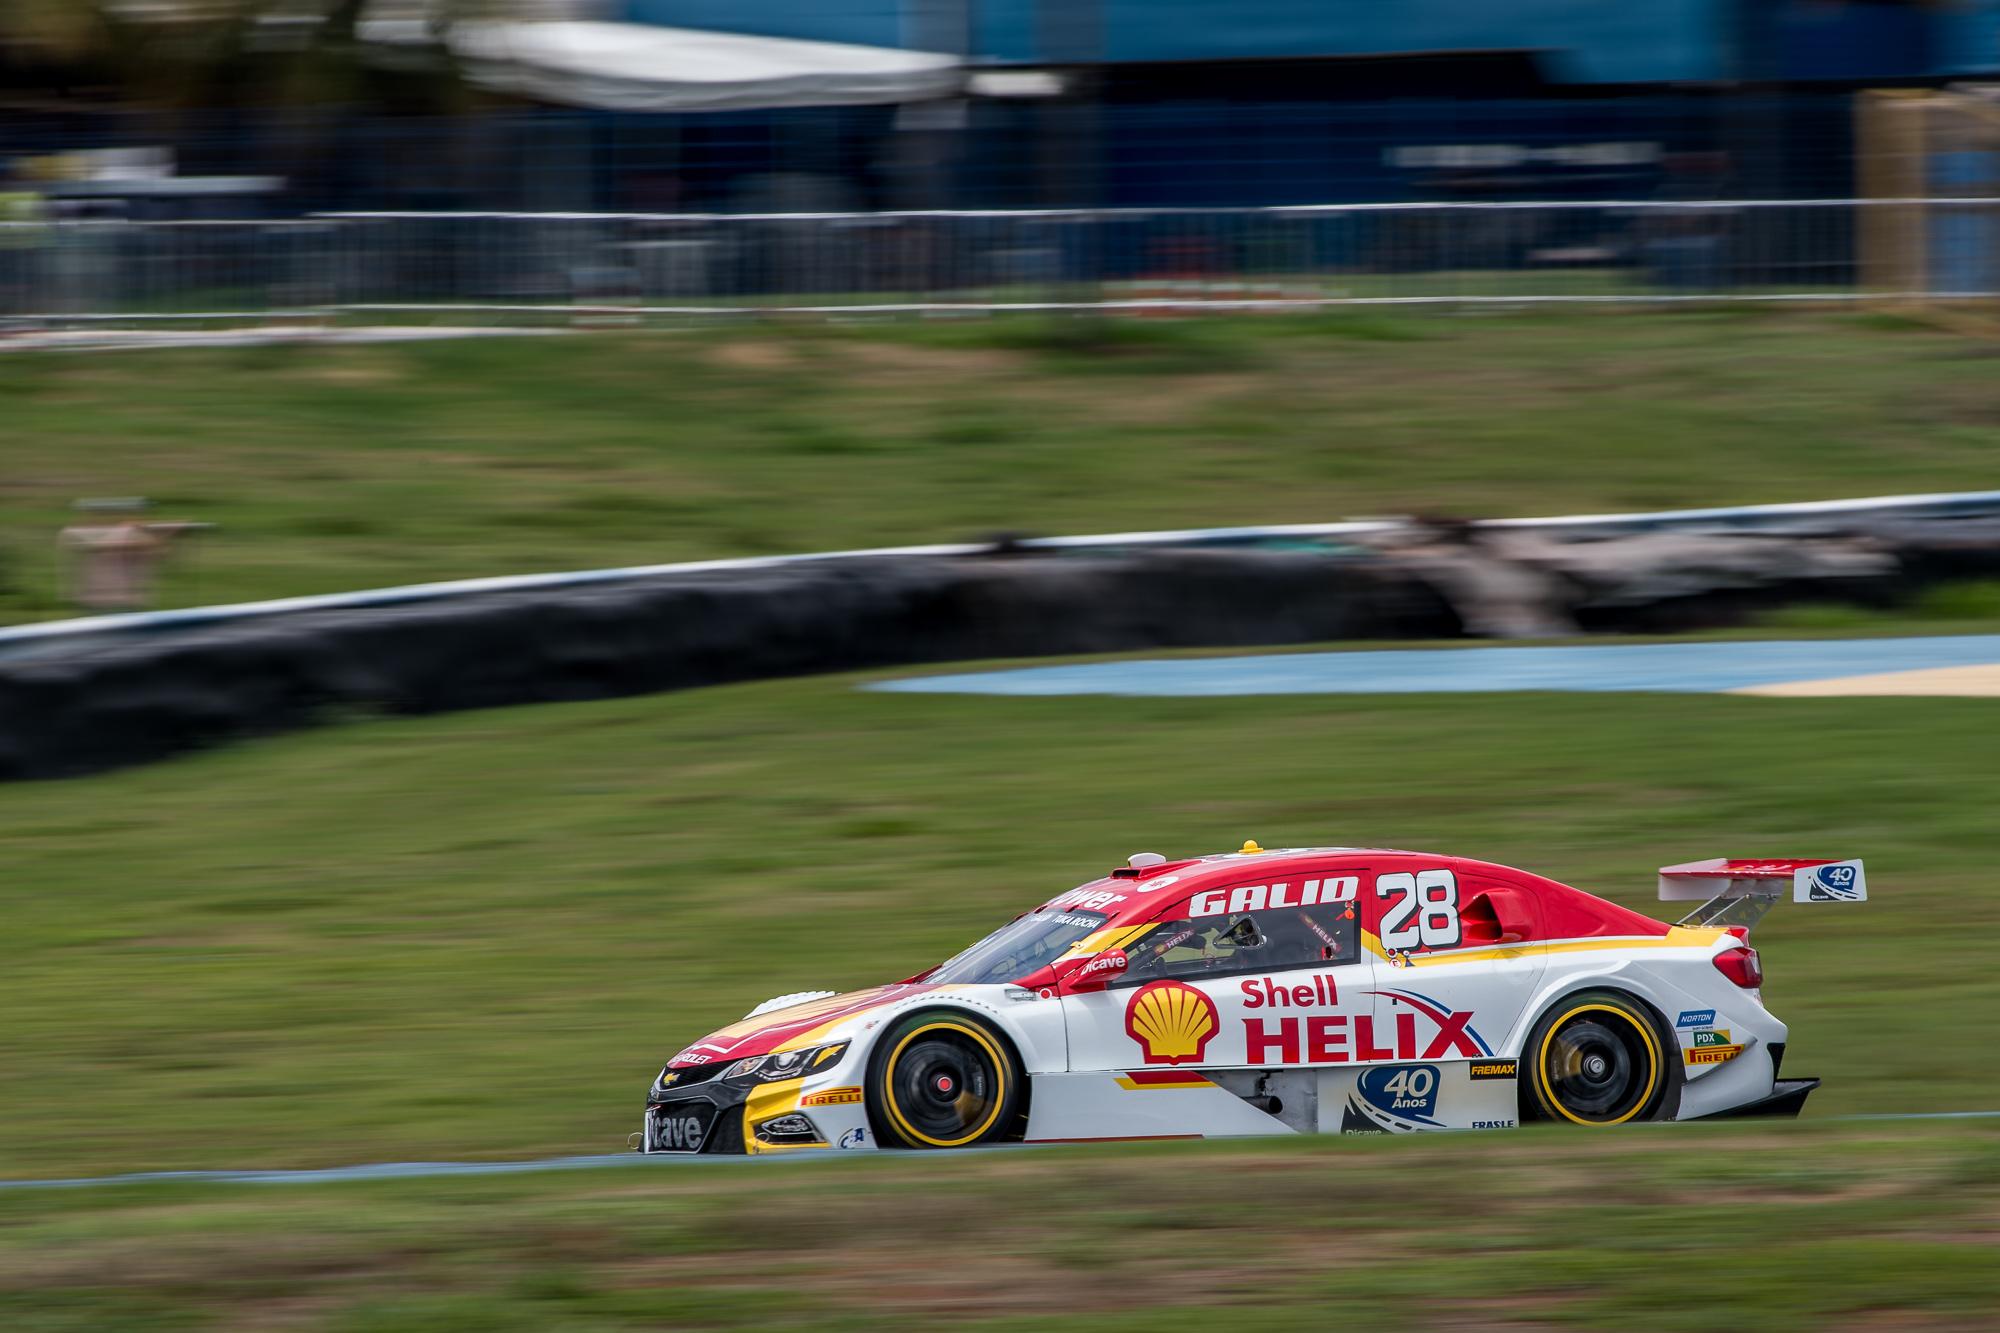 Photo of Stock Car – Shell coloca Galid Osman como companheiro de Átila Abreu na estrutura vice-campeã de equipes da Stock Car